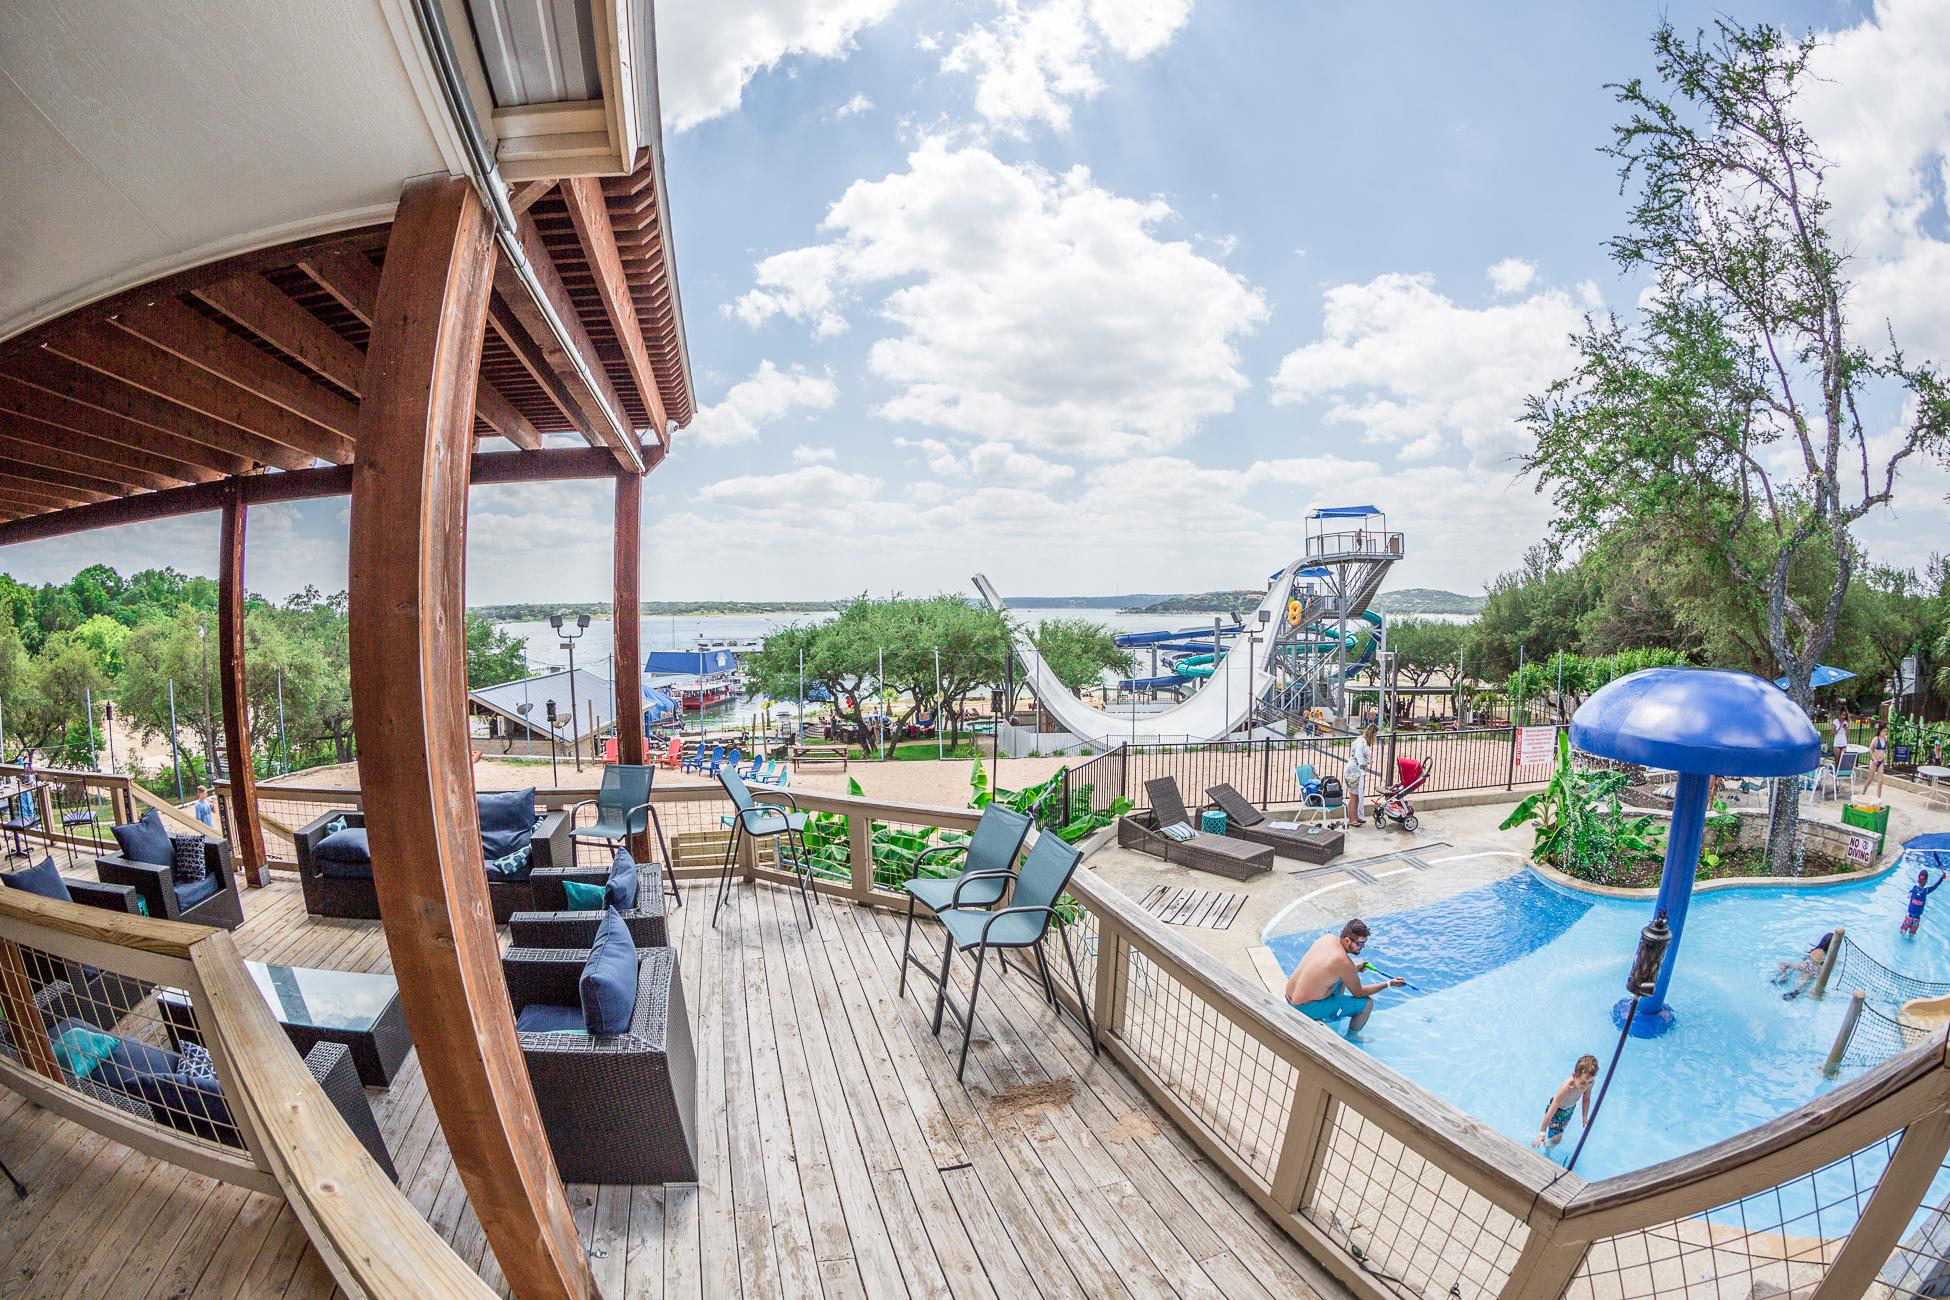 Volente Beach Resort Waterpark & Beachside Billys